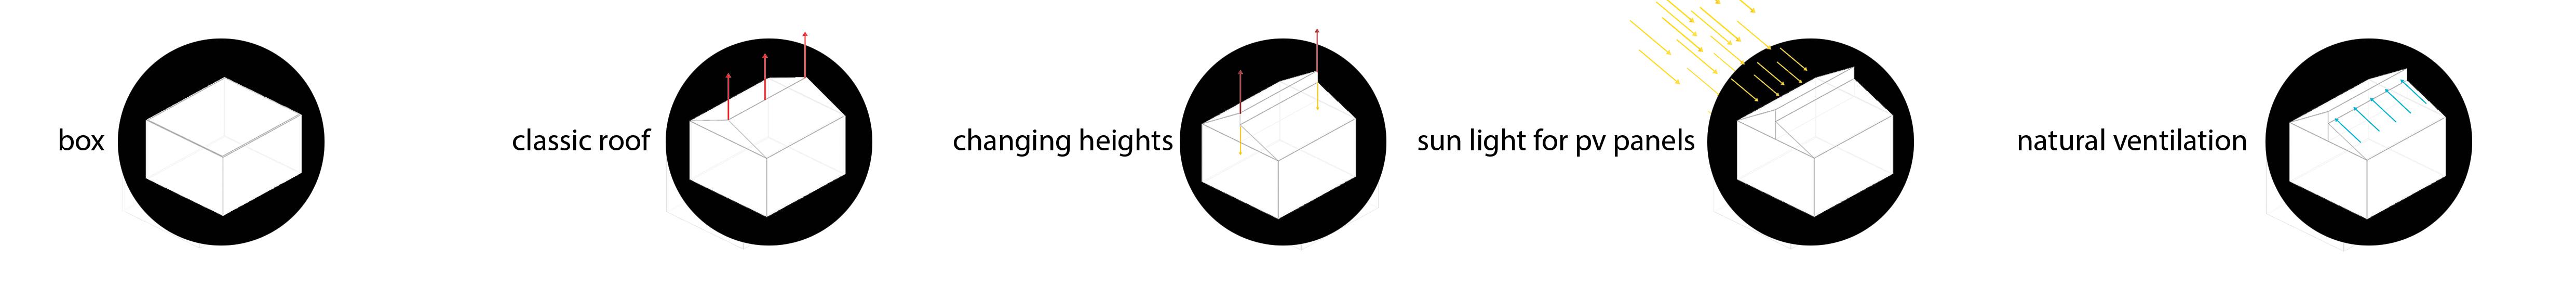 diagram }